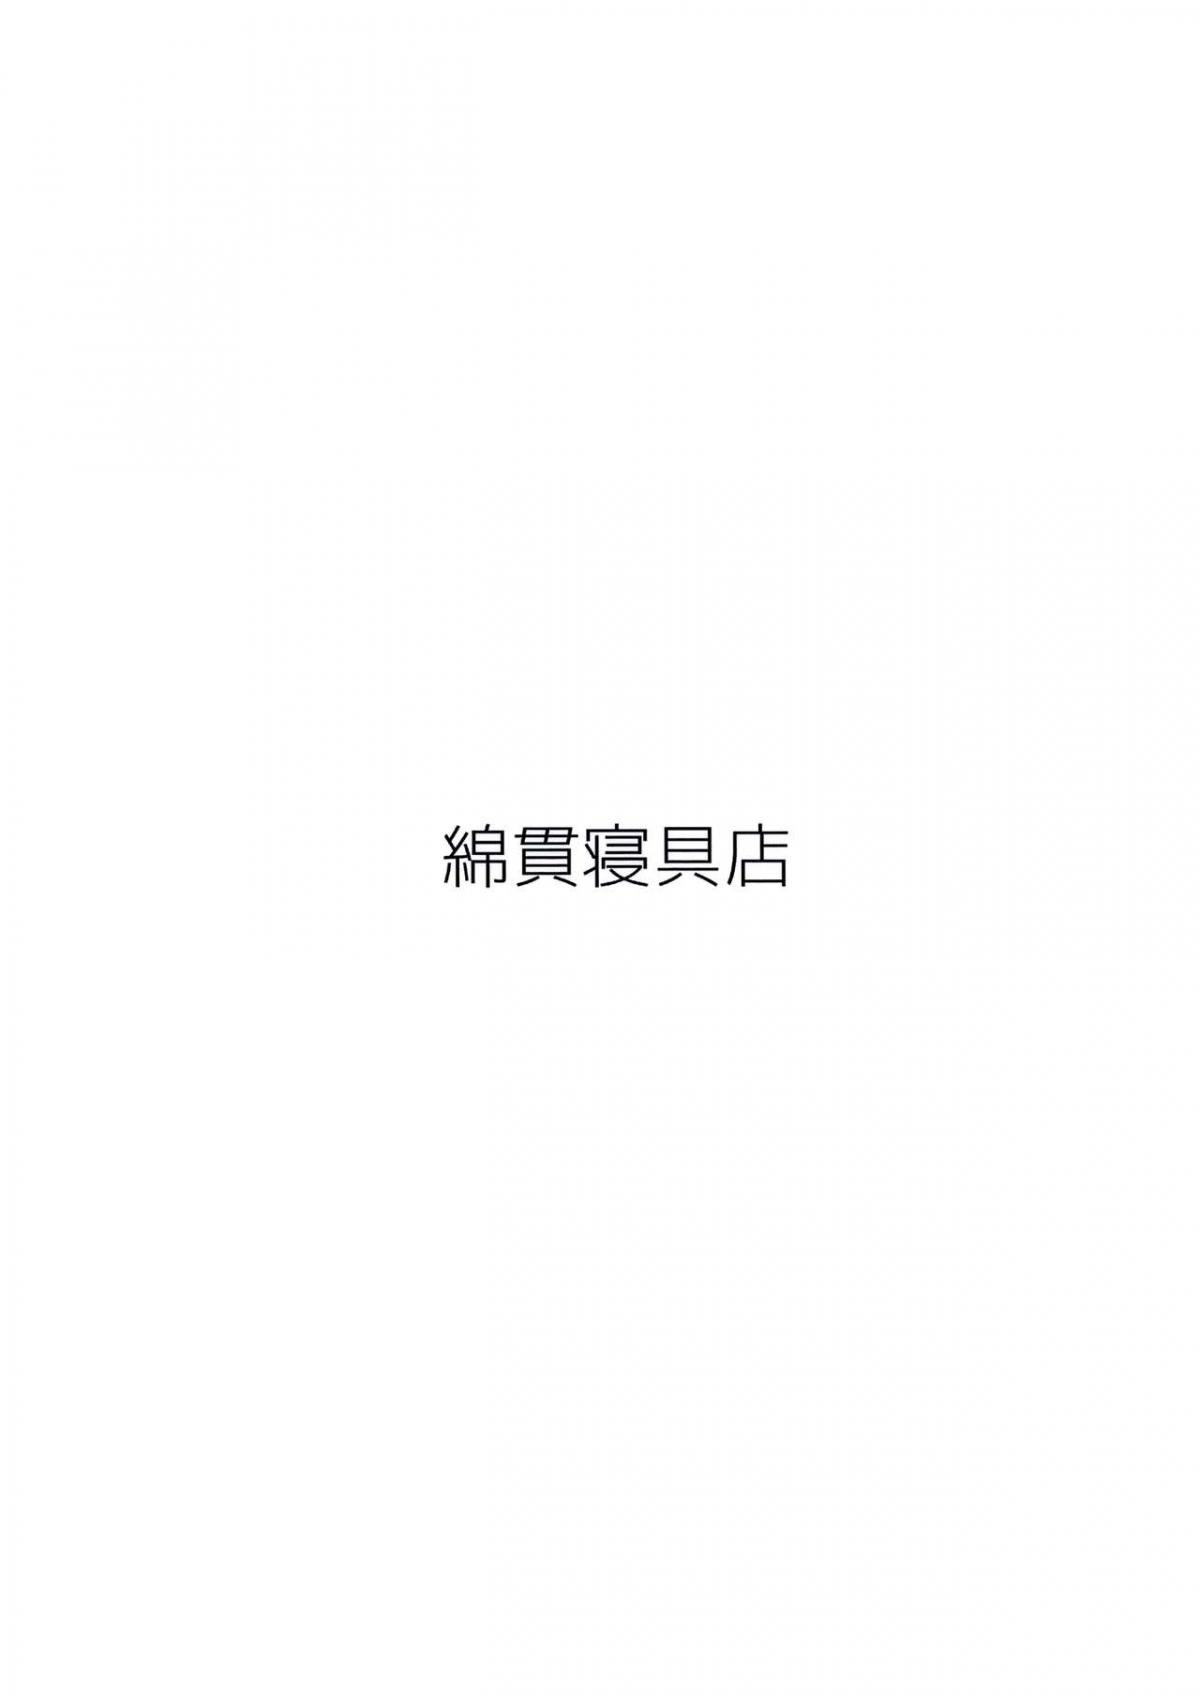 Hình ảnh  trong bài viết Truyện hentai In the first person